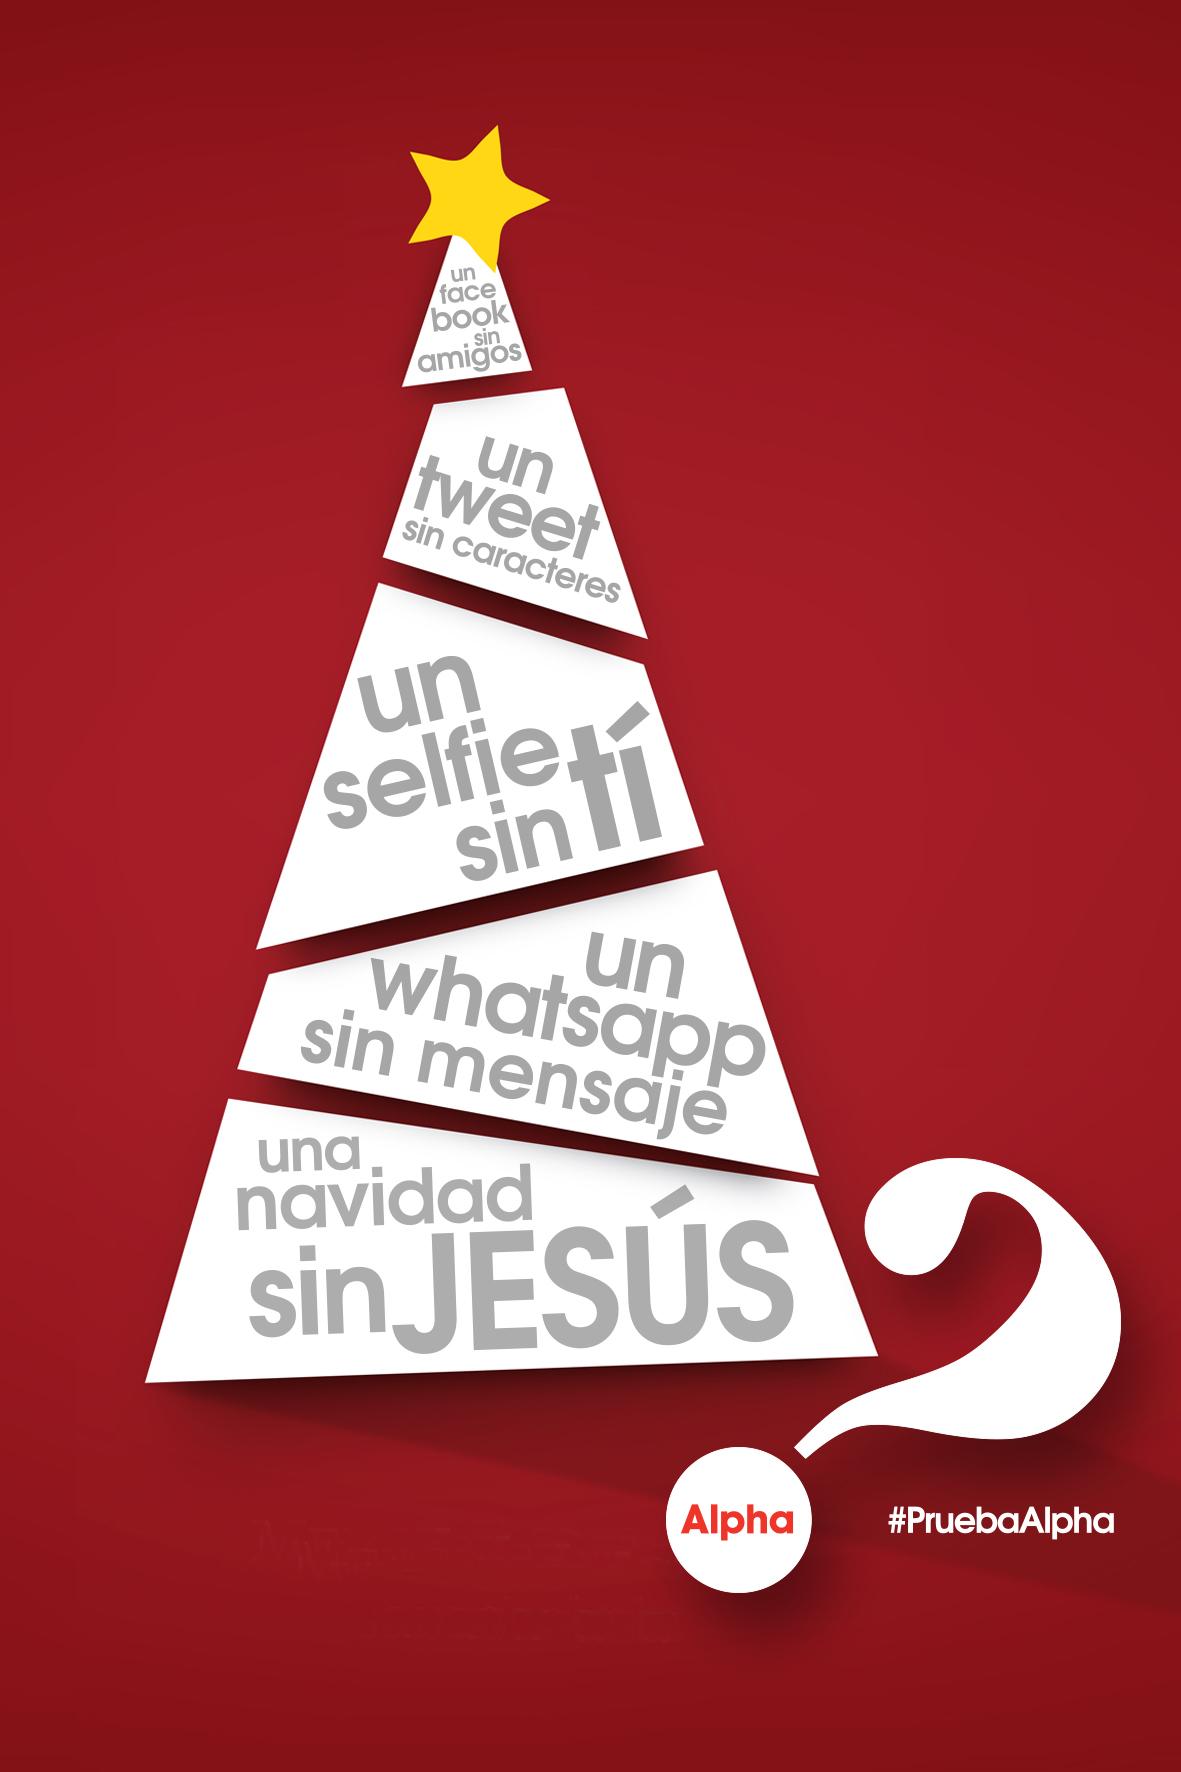 Fotos De Navidad Con Jesus.Una Navidad Sin Jesus Rel